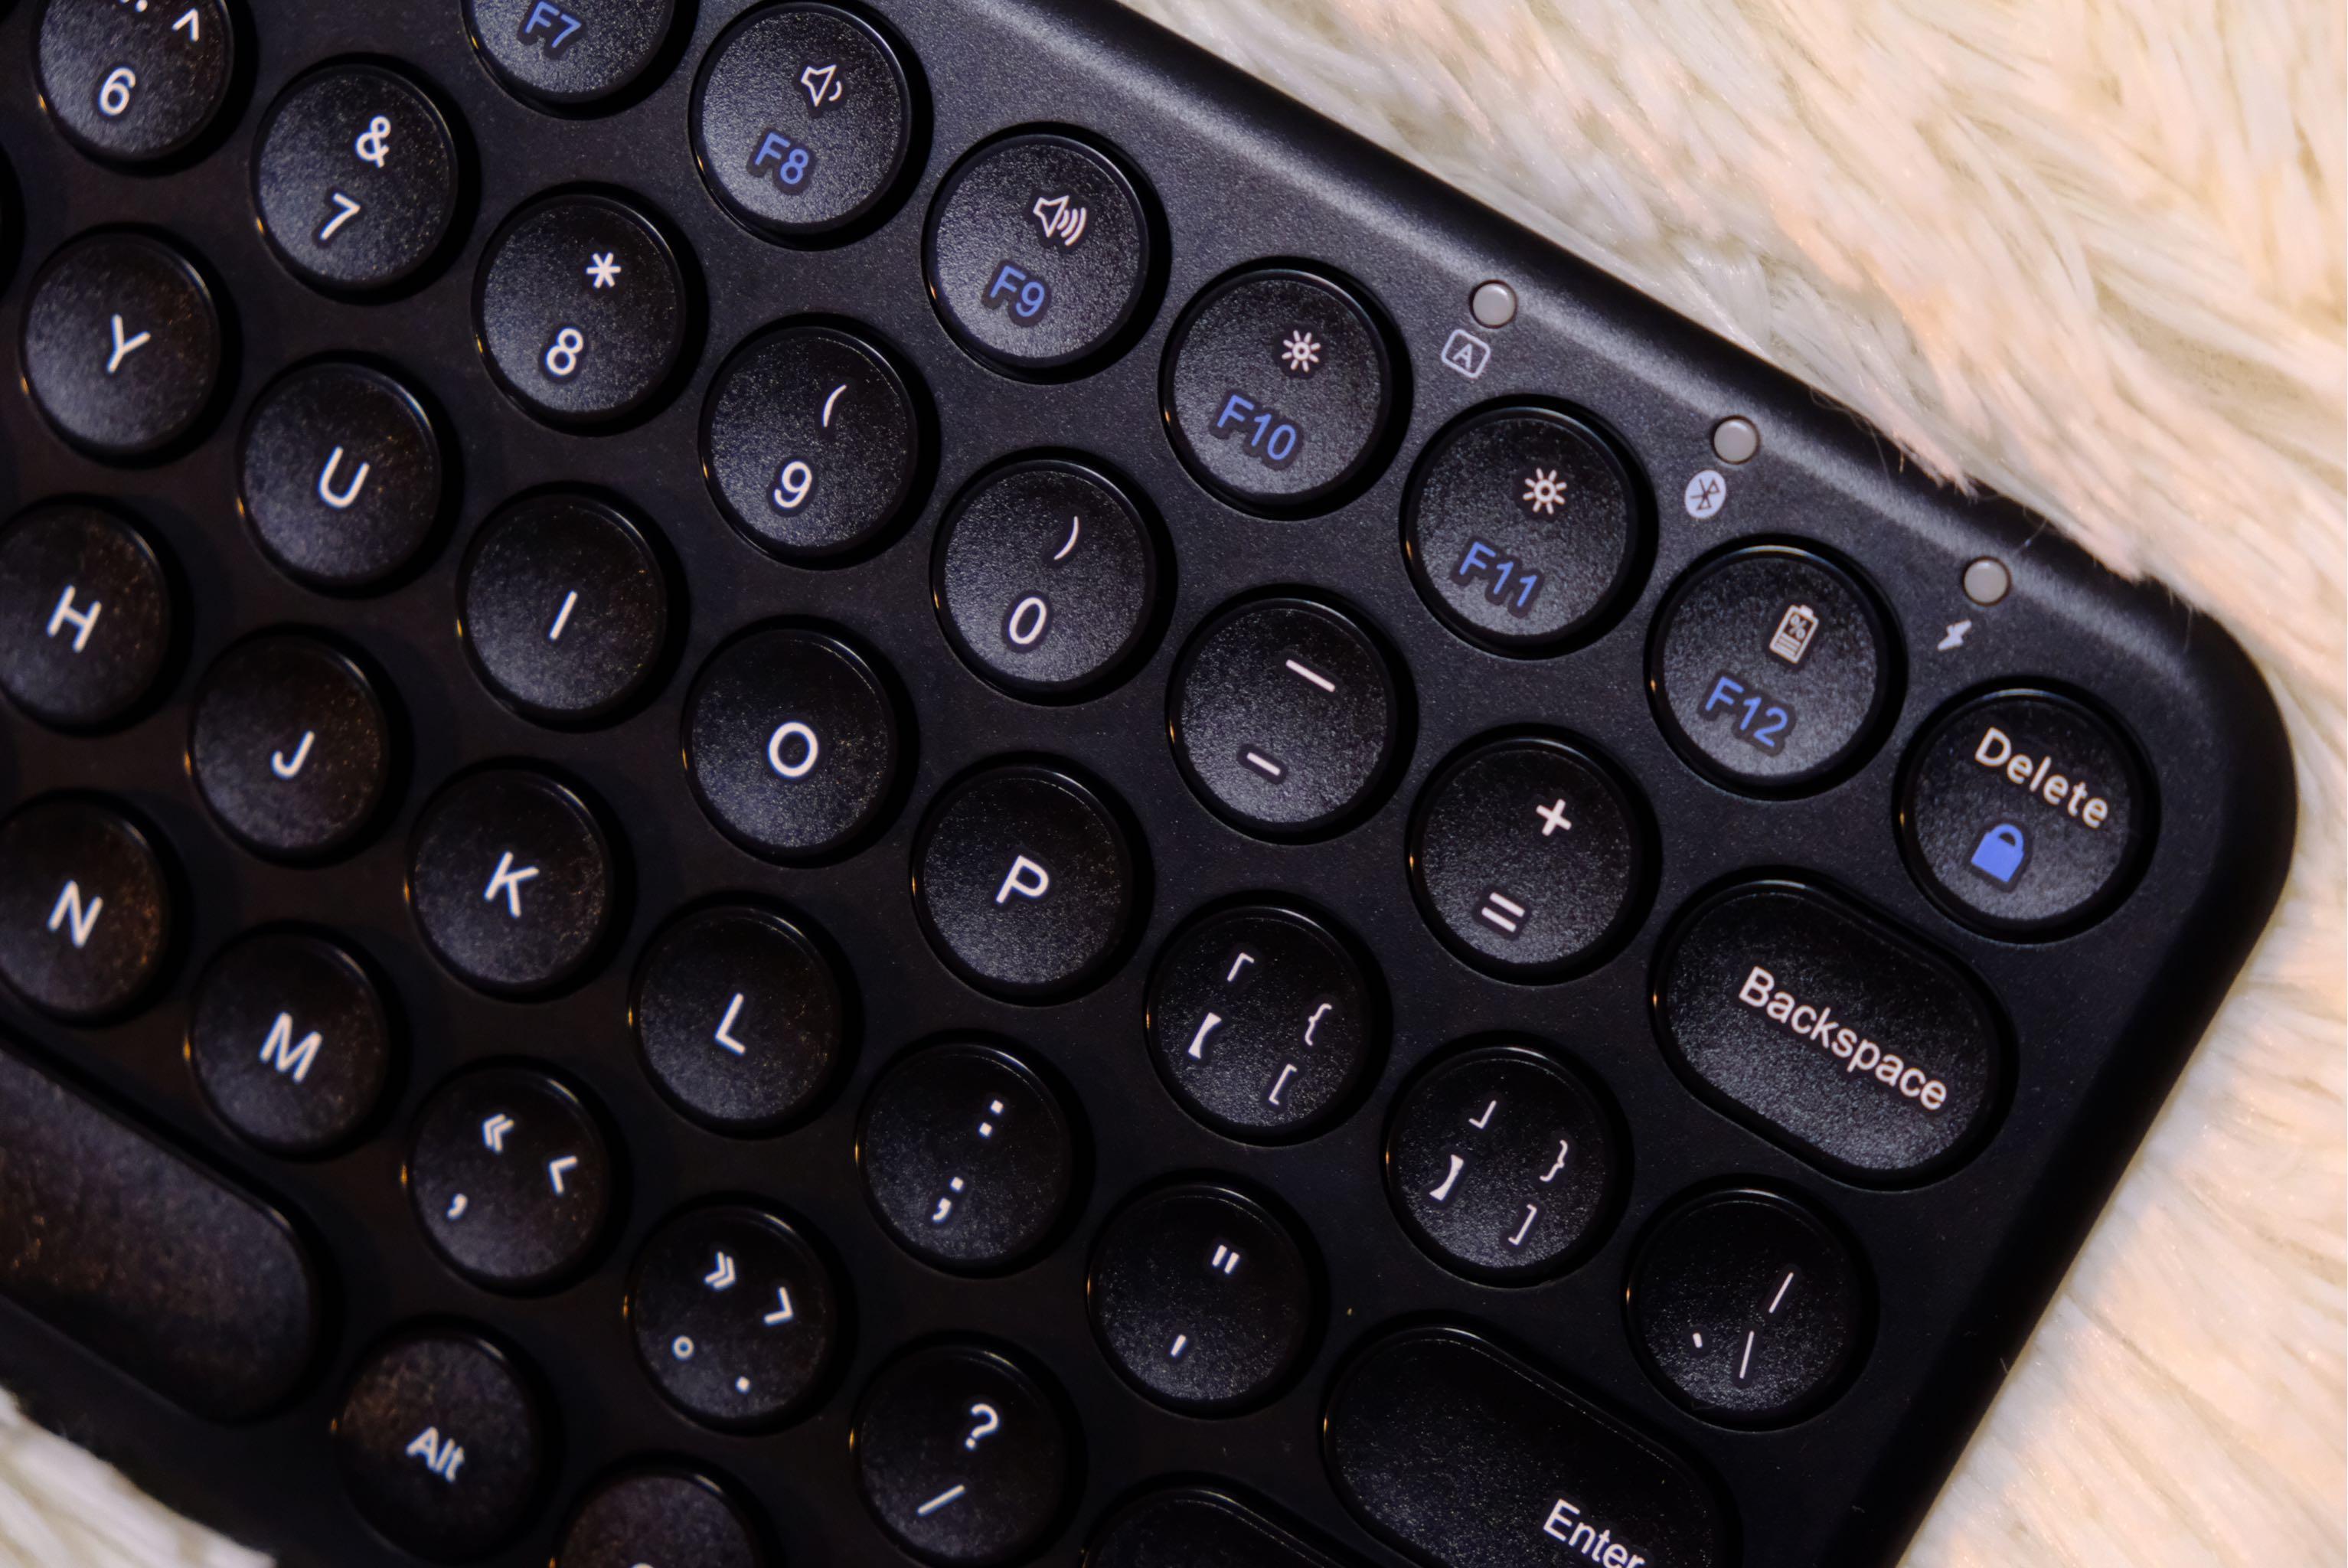 bow航世蓝牙键盘